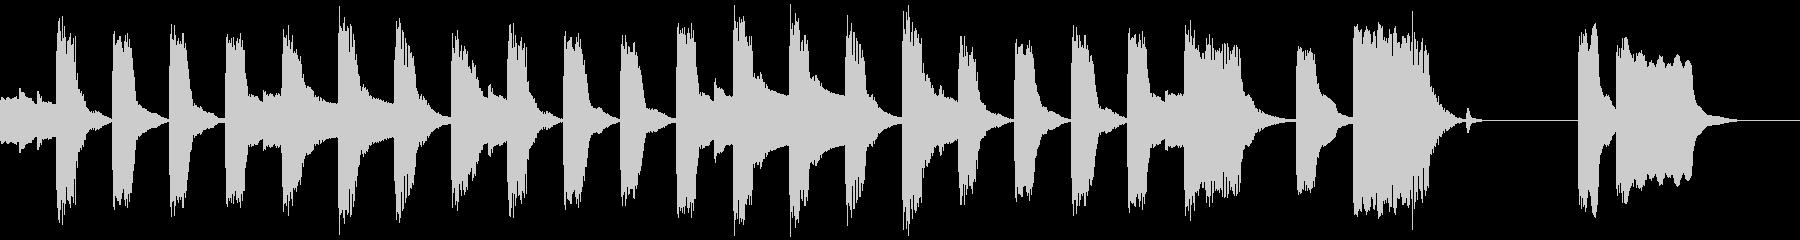 エレピのかわいいBGM(ループ仕様)の未再生の波形